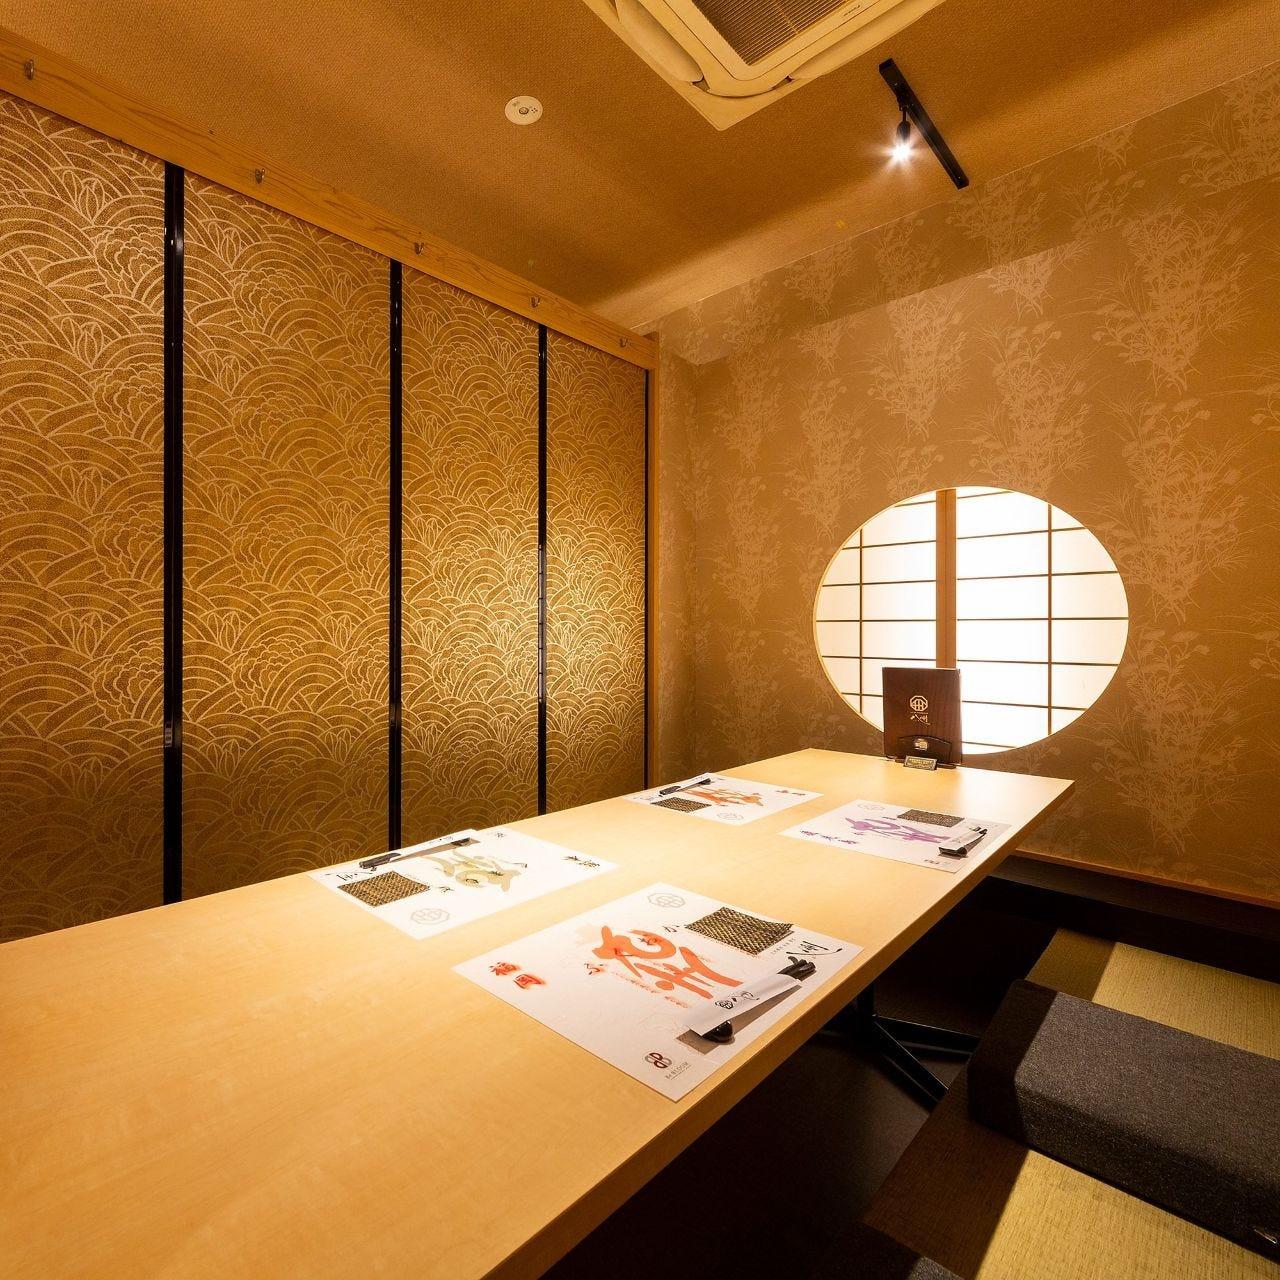 落ち着いた雰囲気の個室席でゆっくりとお料理をお楽しみ下さい。